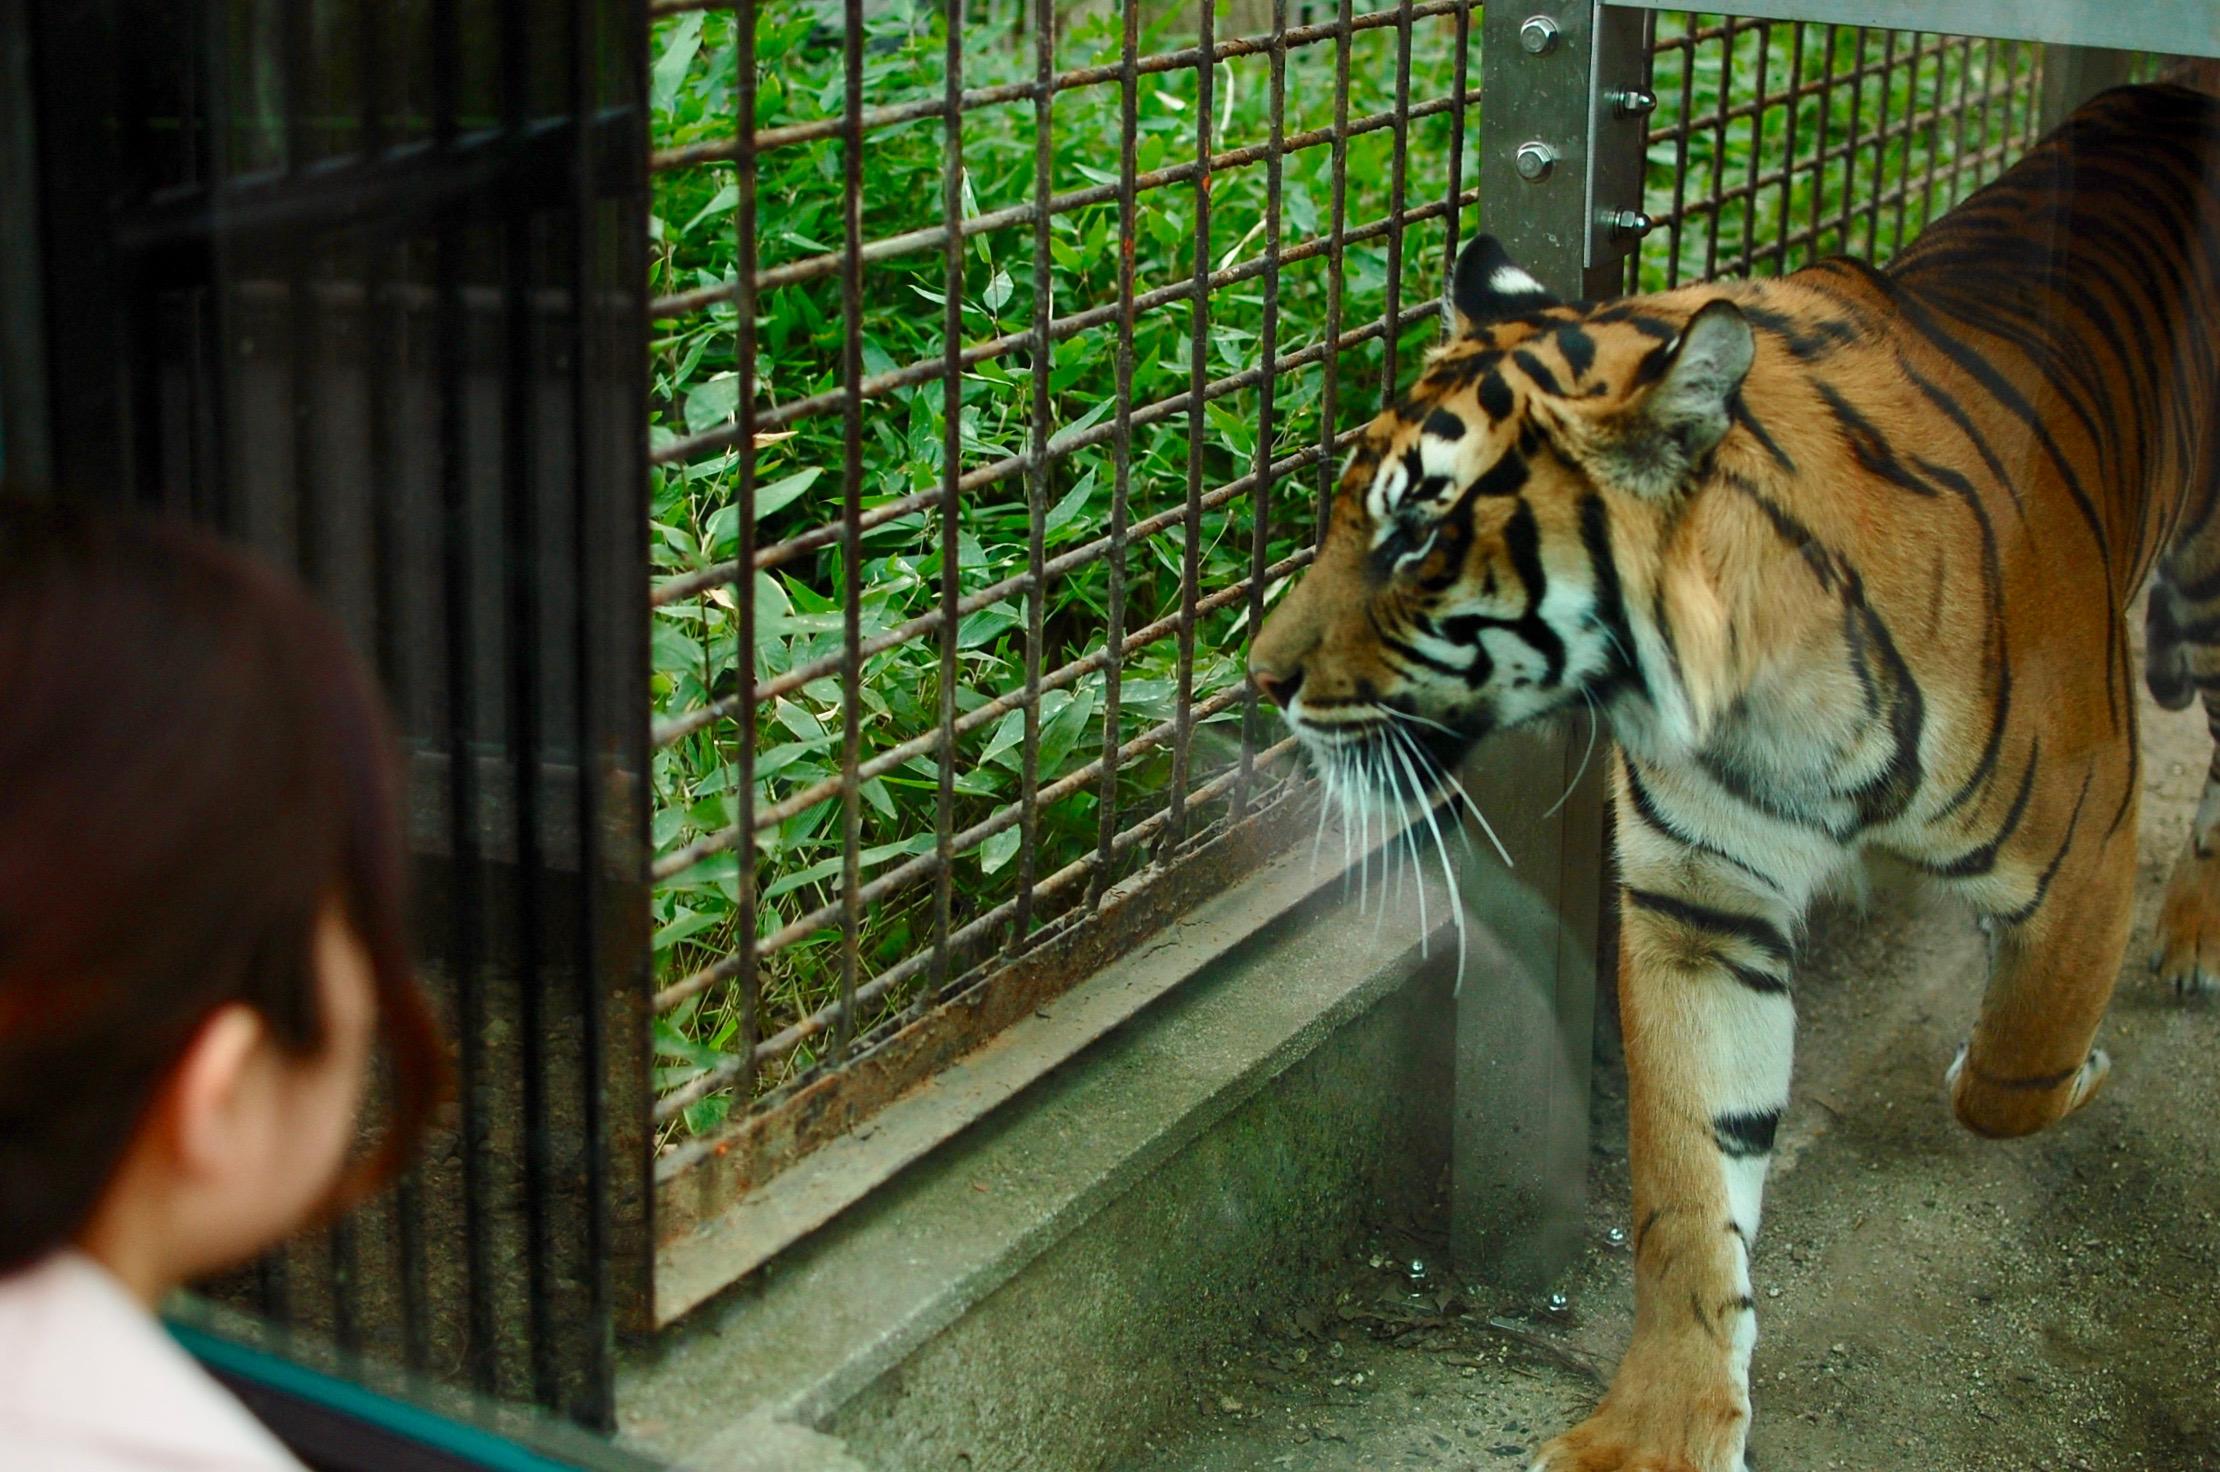 思い出をつなぐ。東山動植物園・80周年記念イベントの見どころを徹底解剖! - DSC 0246